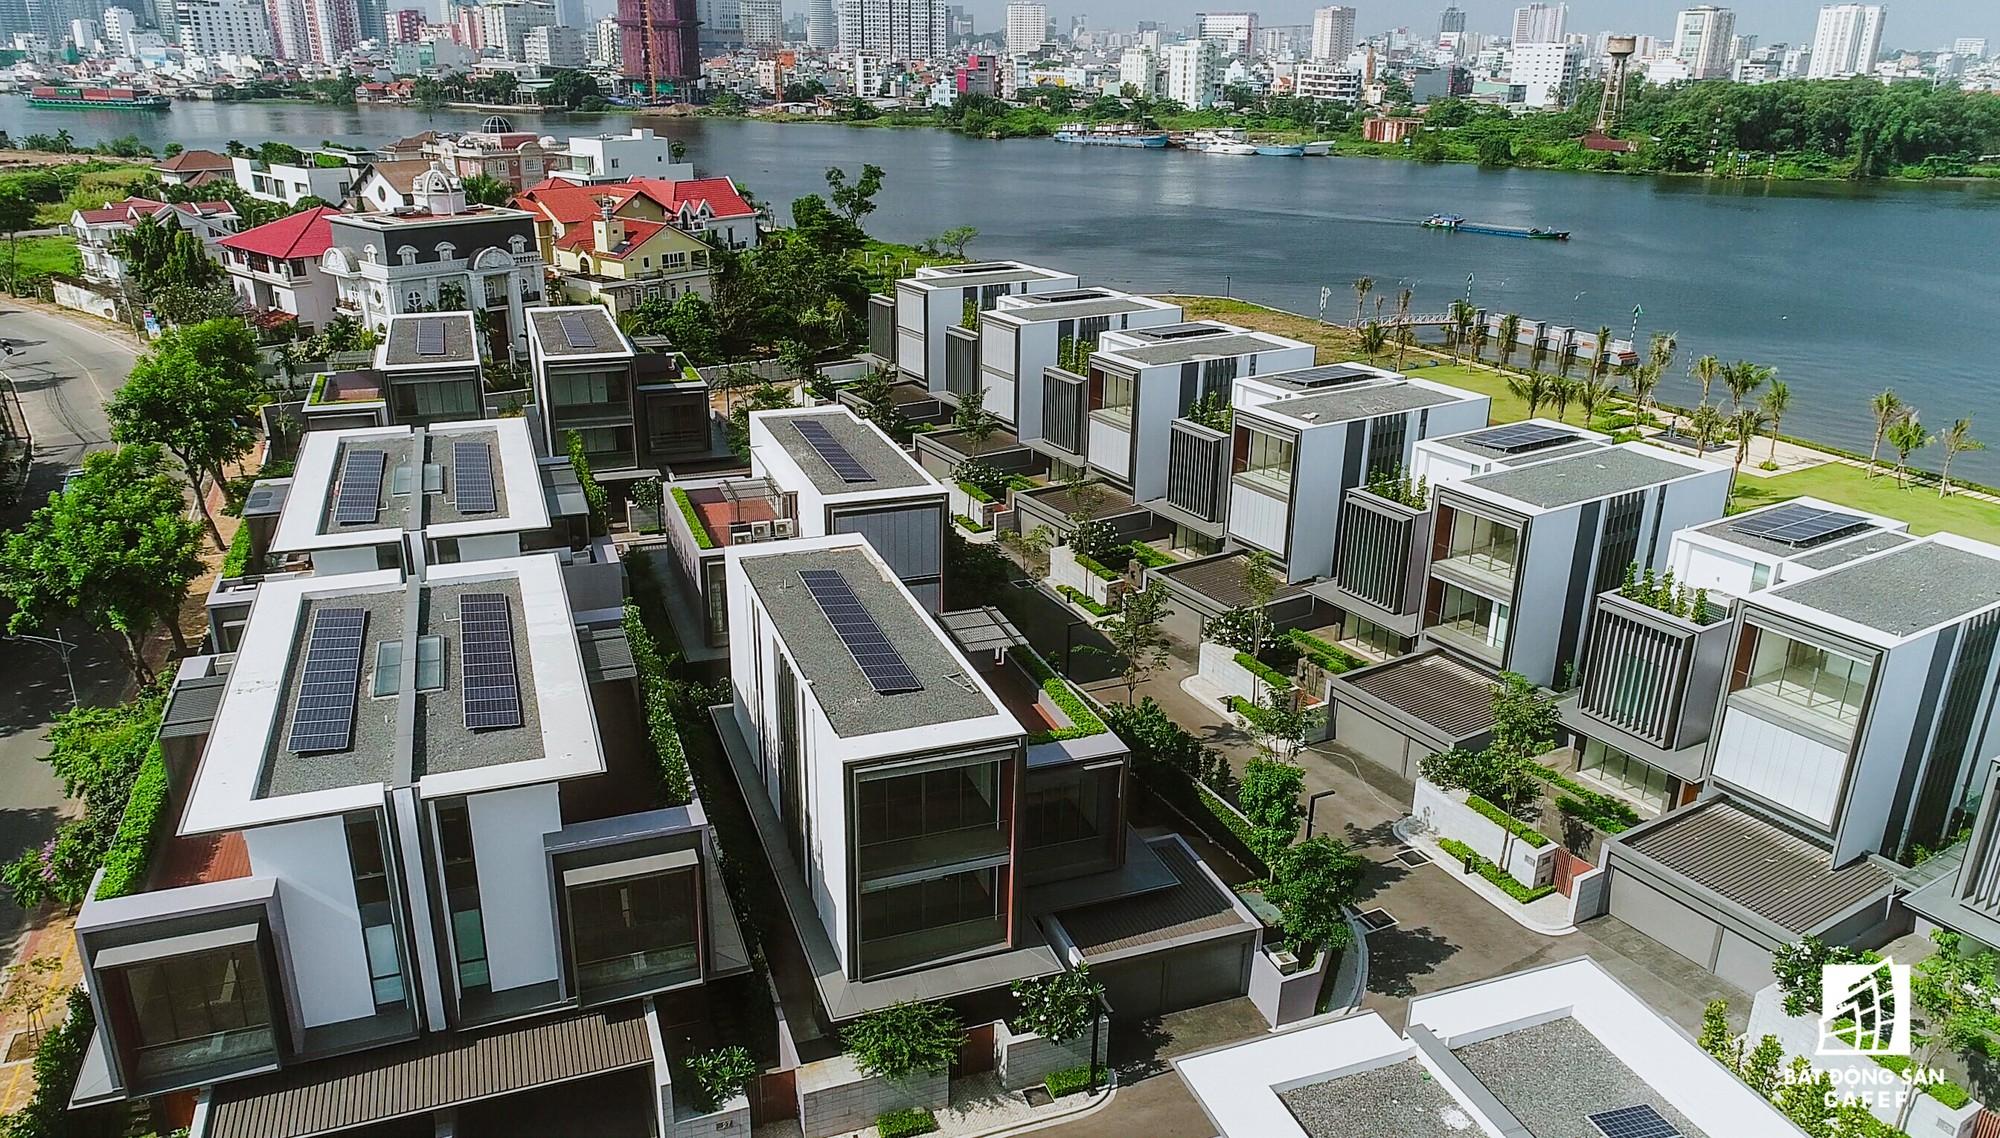 Nhà giàu cũng khóc trong những khu biệt thự sang chảnh bậc nhất Sài Gòn-8